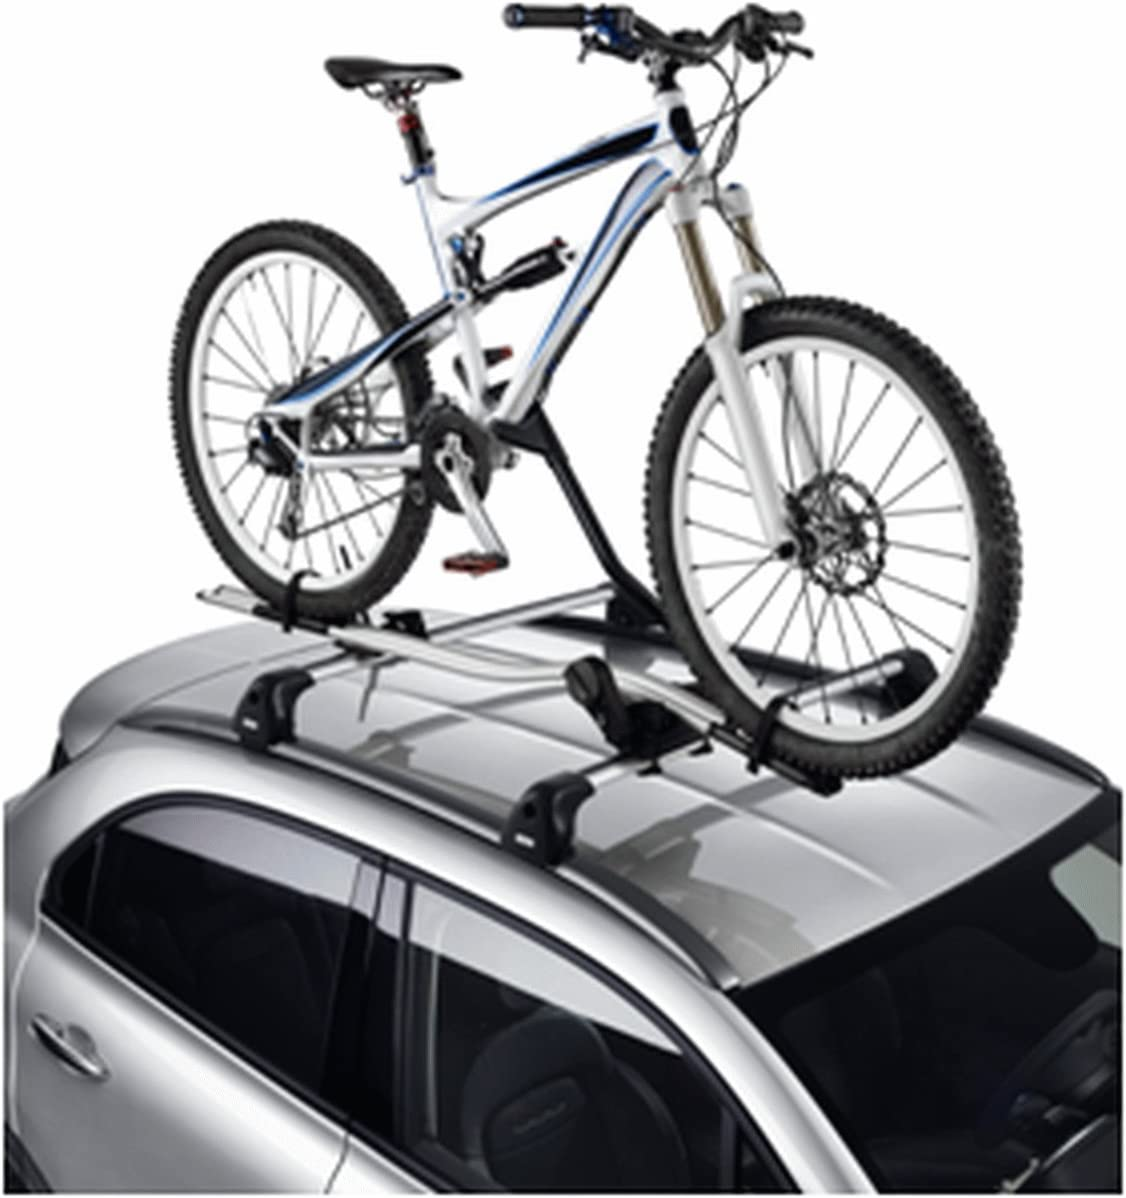 Portabici Originale FIAT inserto in alluminio porta bici